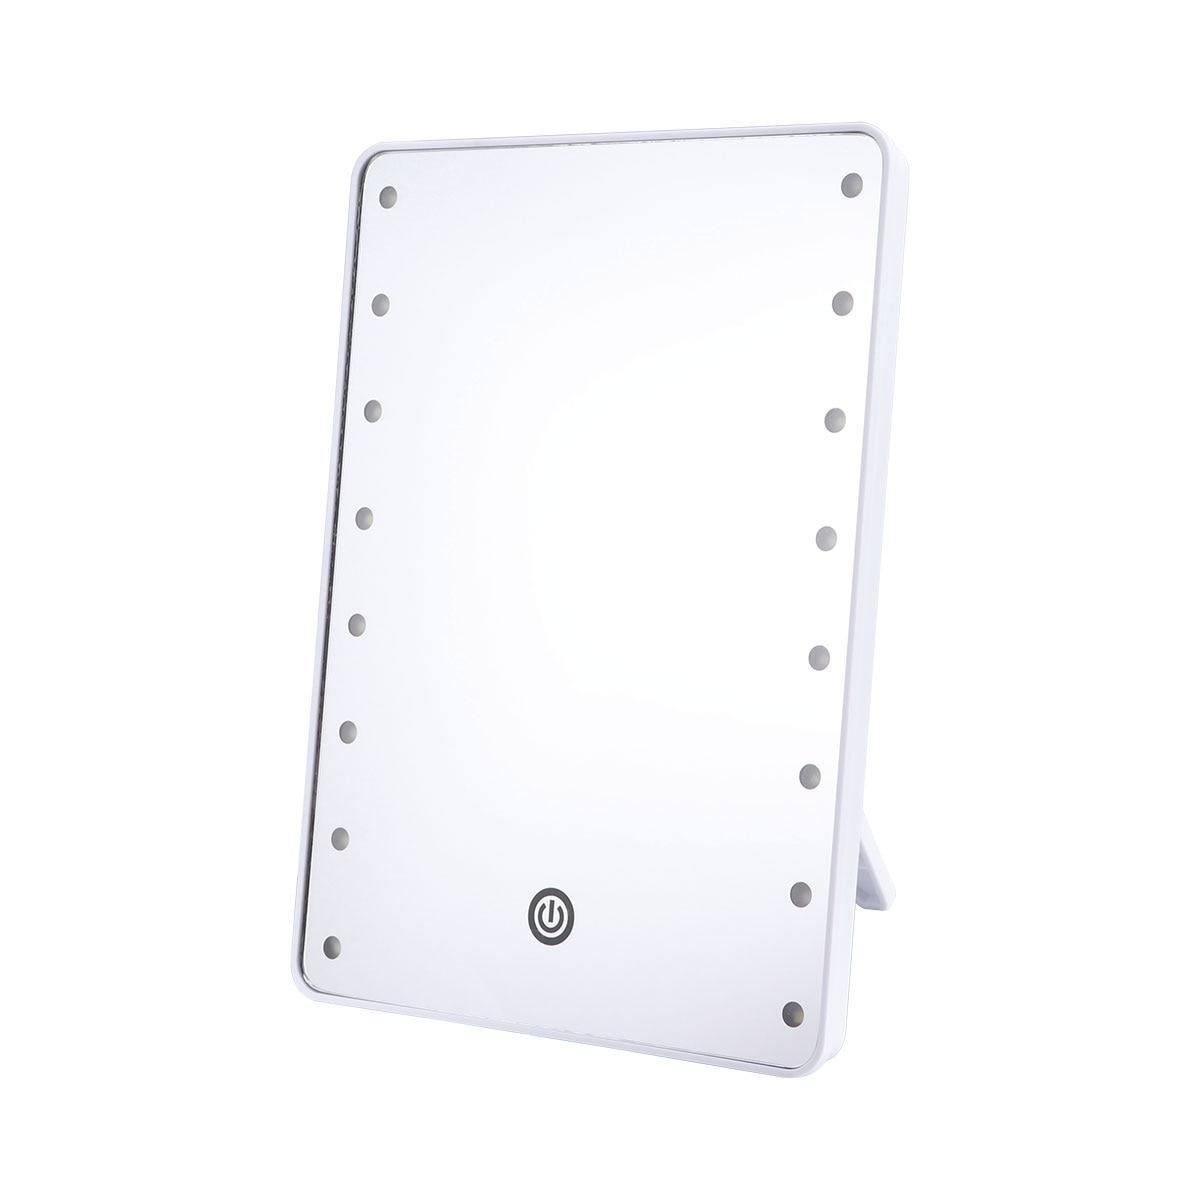 Косметическое зеркало с 16 светодиодами, косметическое зеркало с сенсорным диммером, управляемое батареей, косметическое зеркало для настольной ванной комнаты Зеркала для ванной      АлиЭкспресс